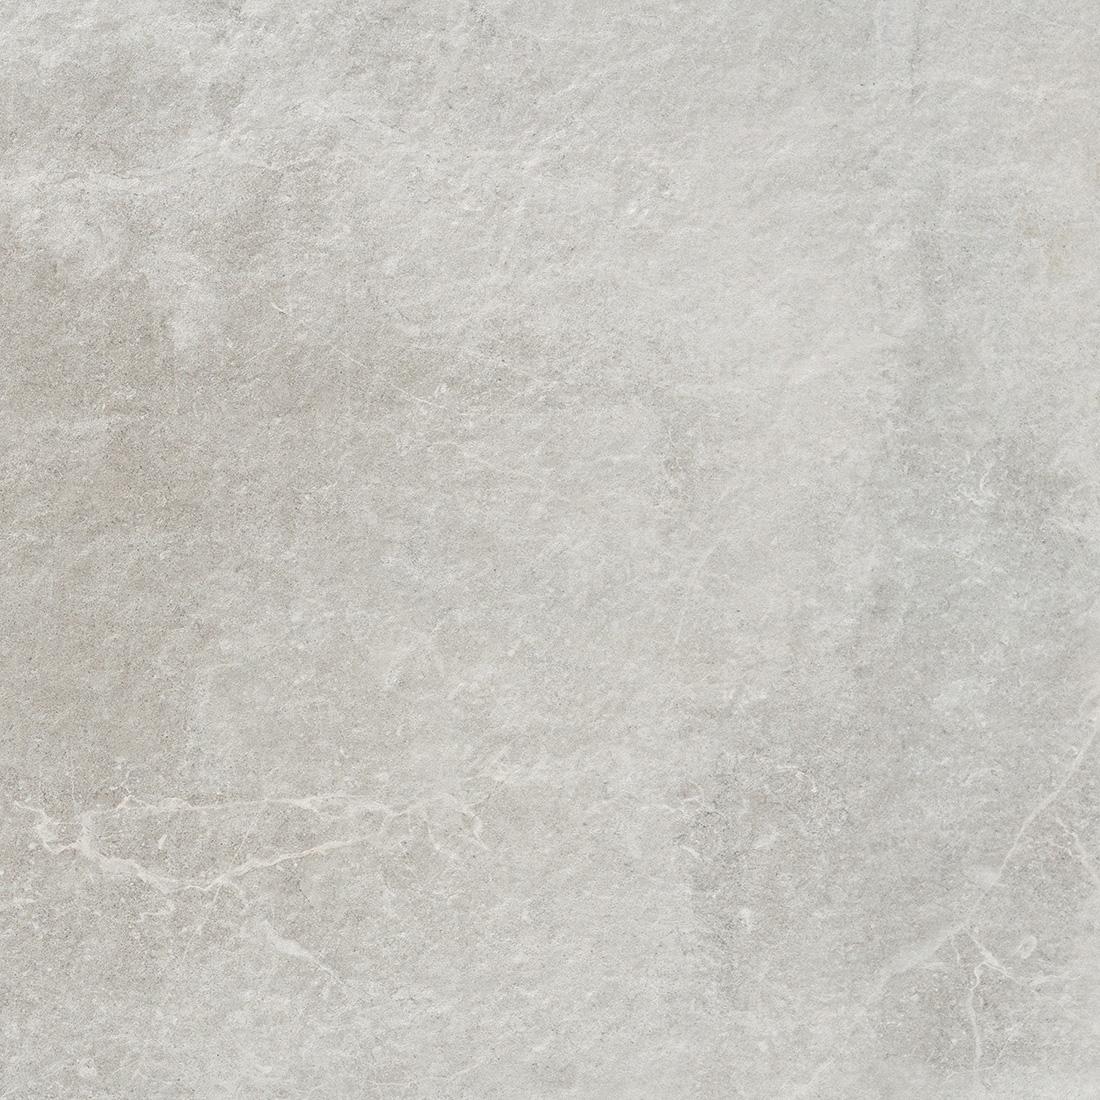 Eternal 60x60x2 Grey Matt R11 1